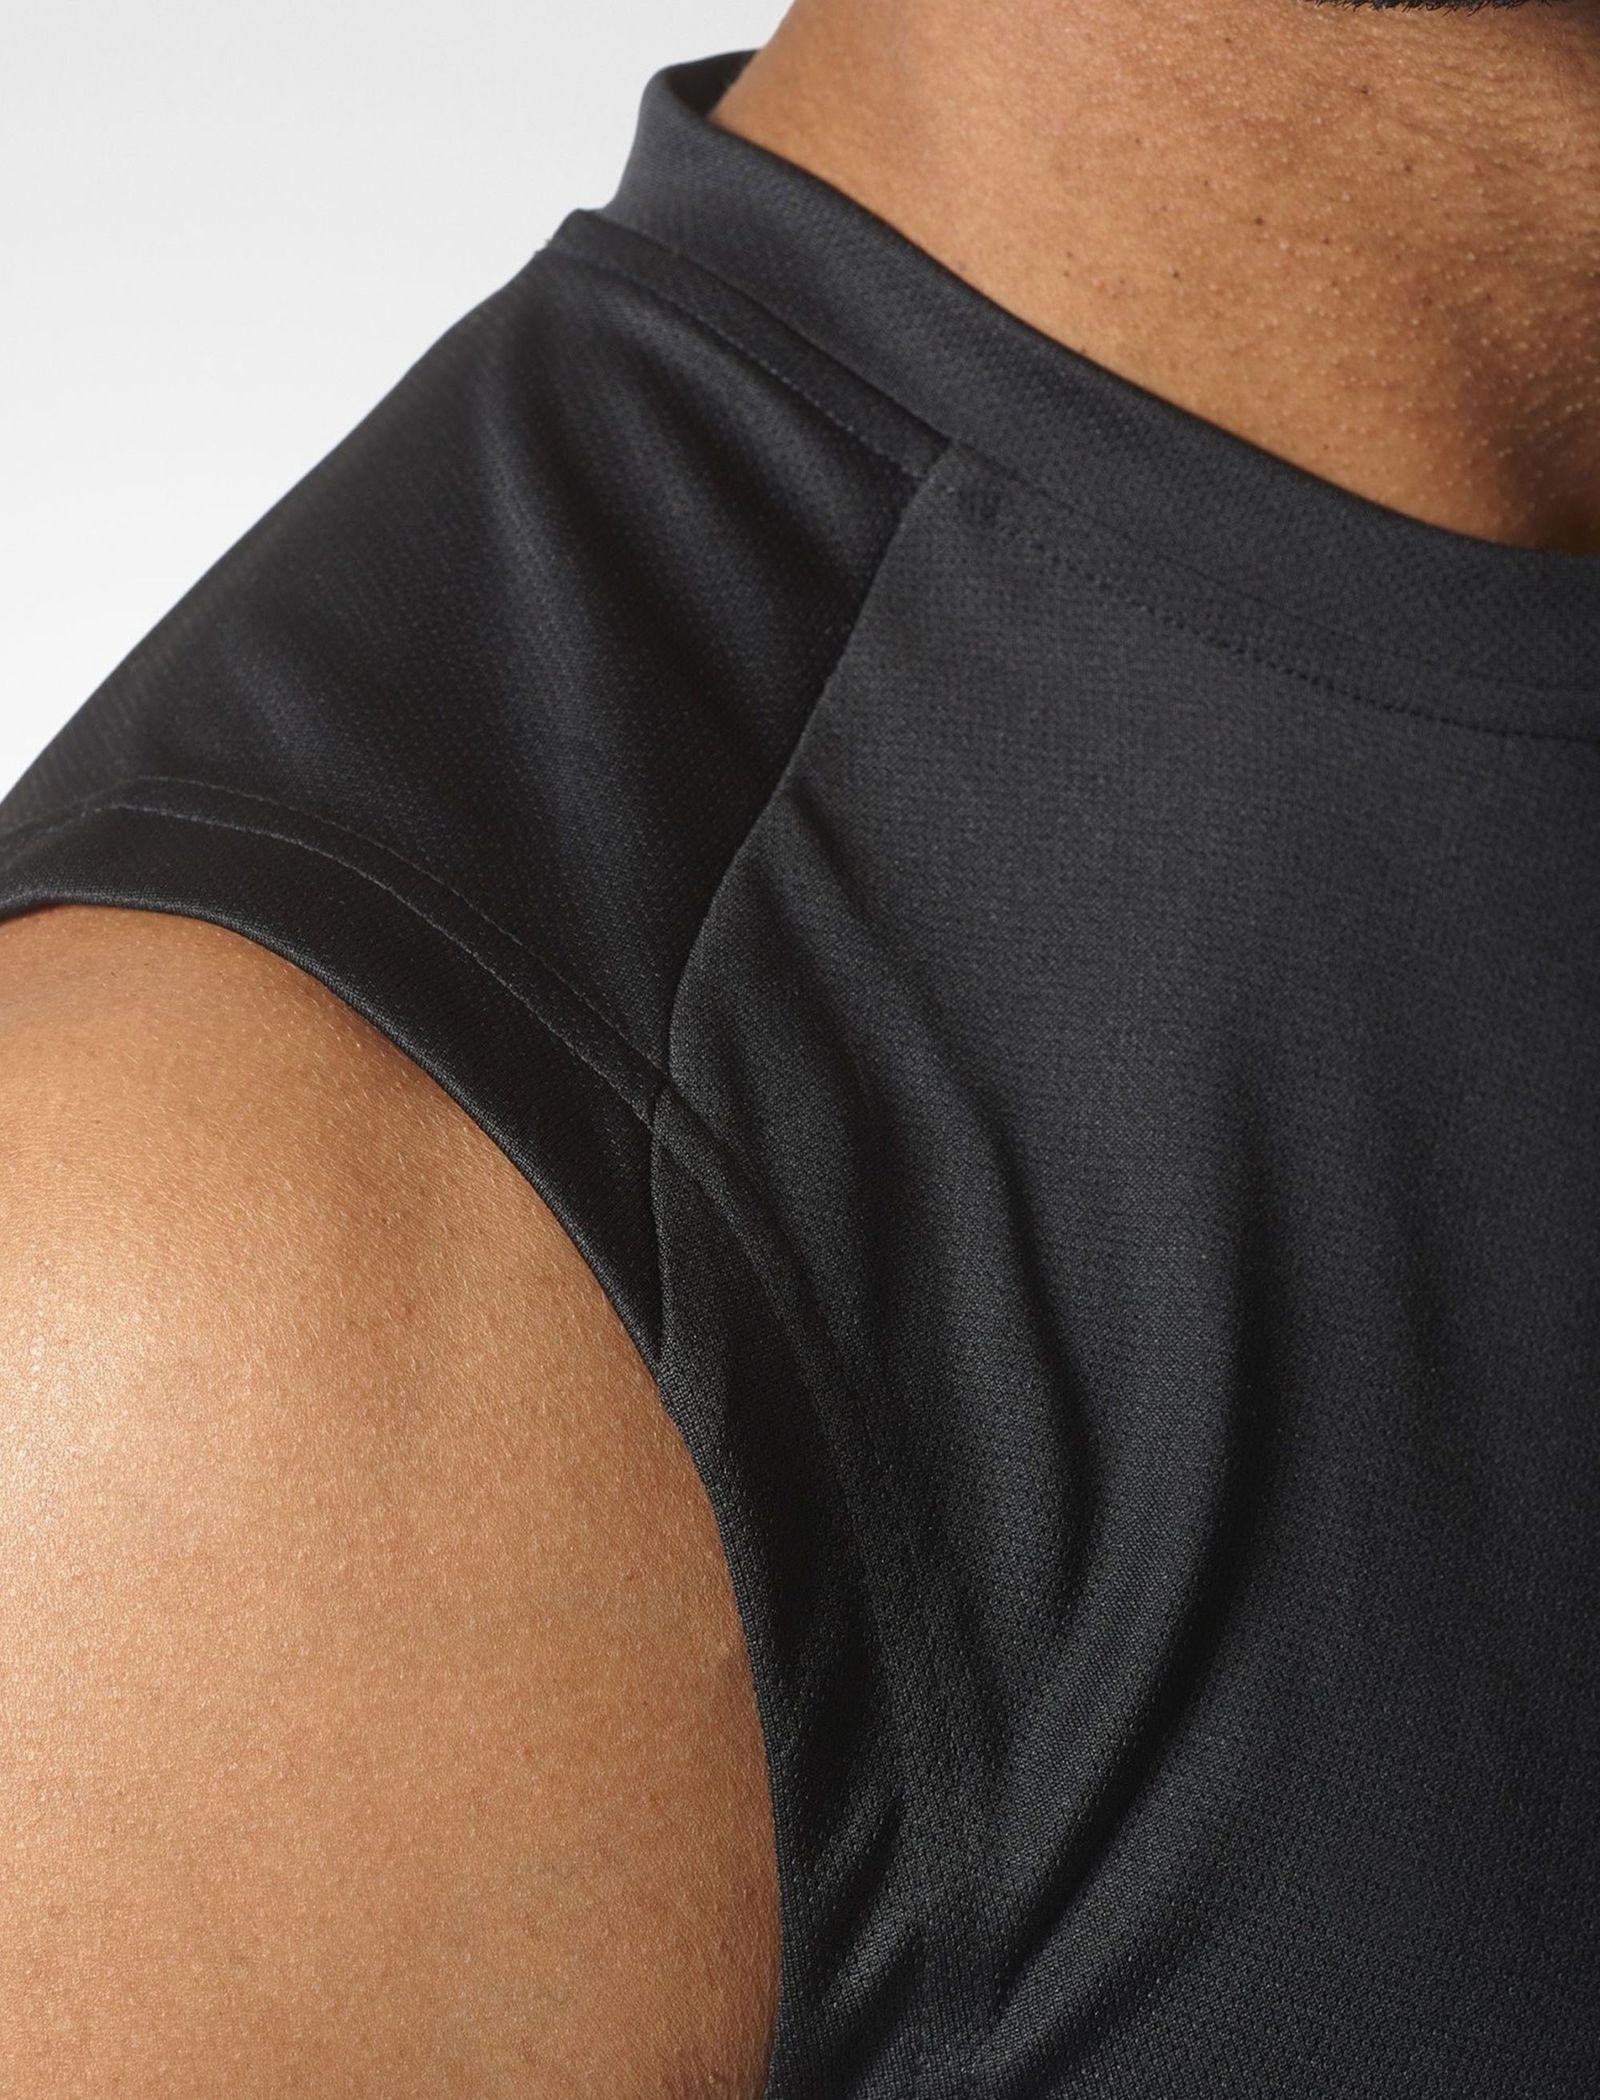 تاپ ورزشی یقه گرد مردانه BVD Sporty Design To Move PLAIN - آدیداس - مشکي - 7